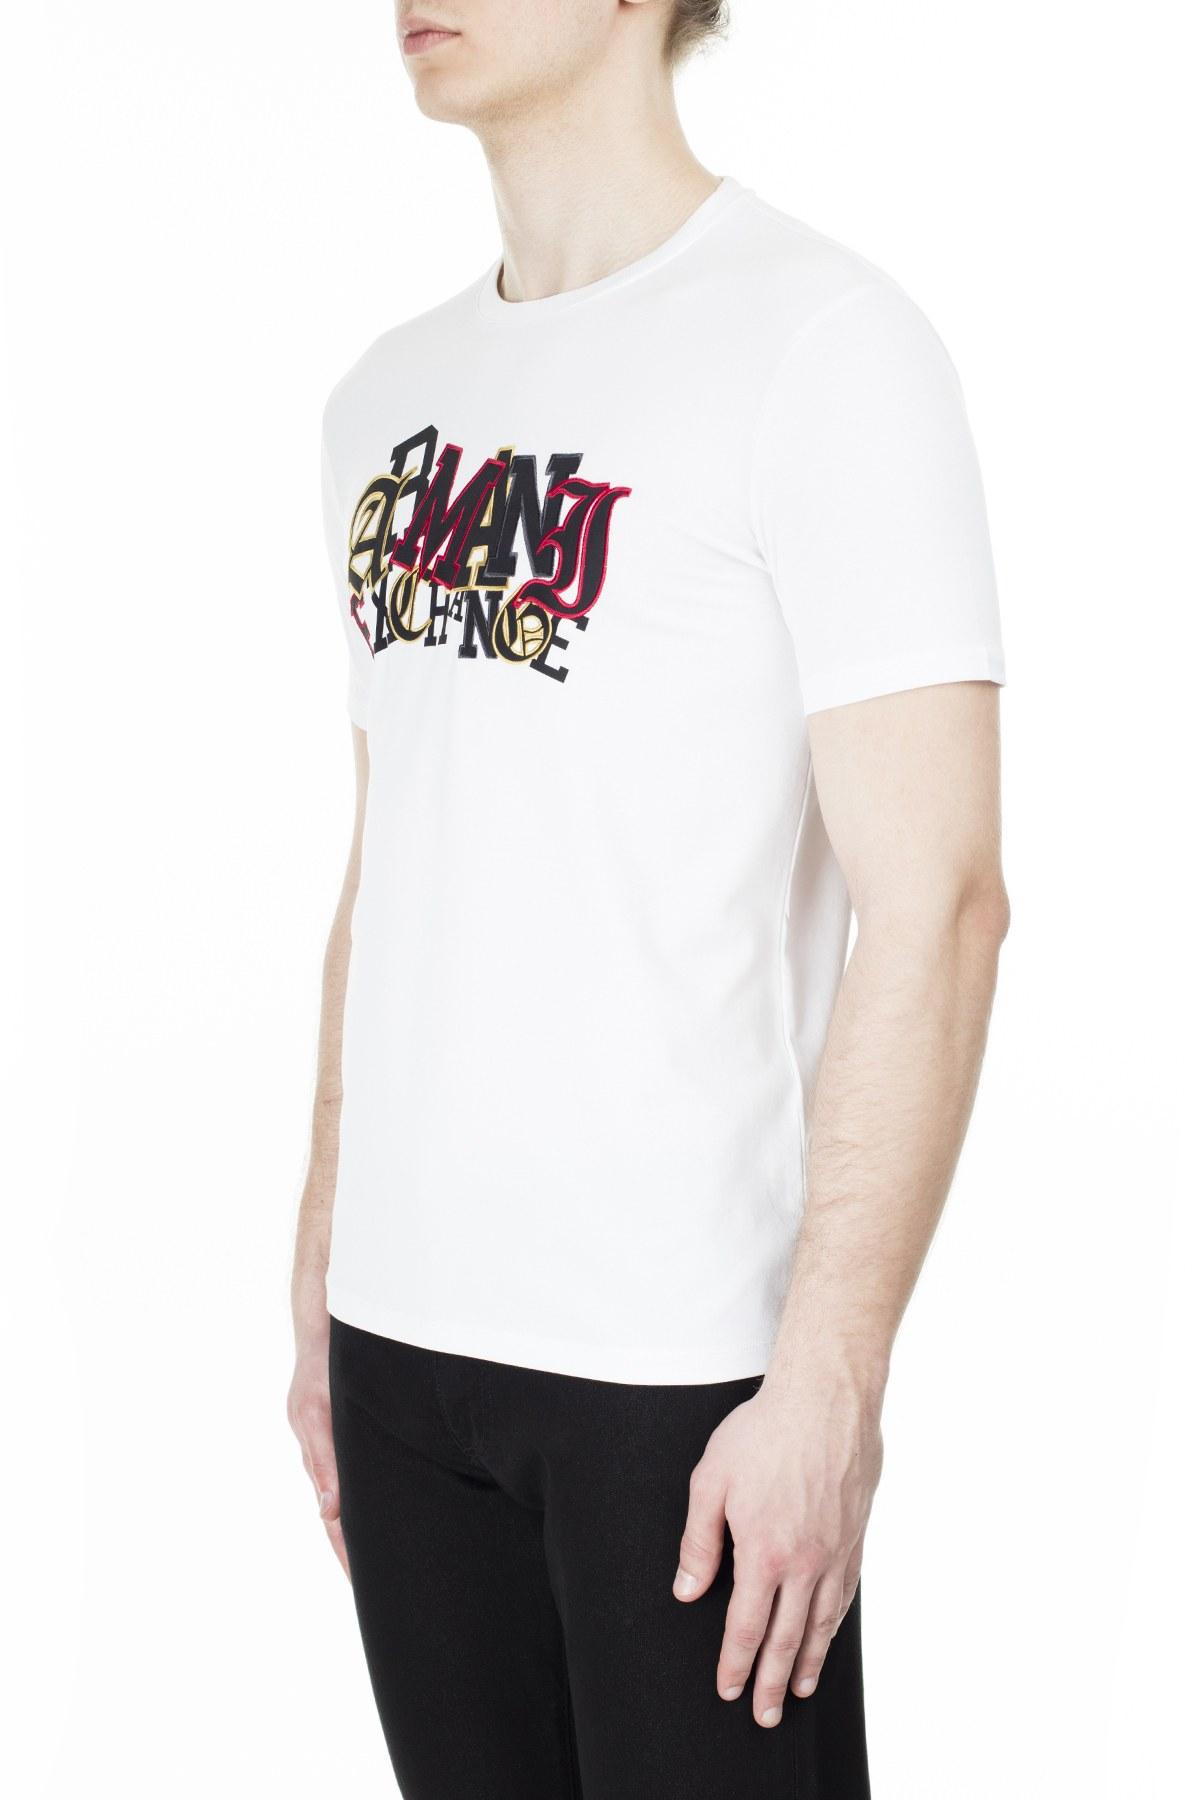 Armani Exchange Erkek T Shirt S 6GZTAW ZJE6Z 1100 BEYAZ